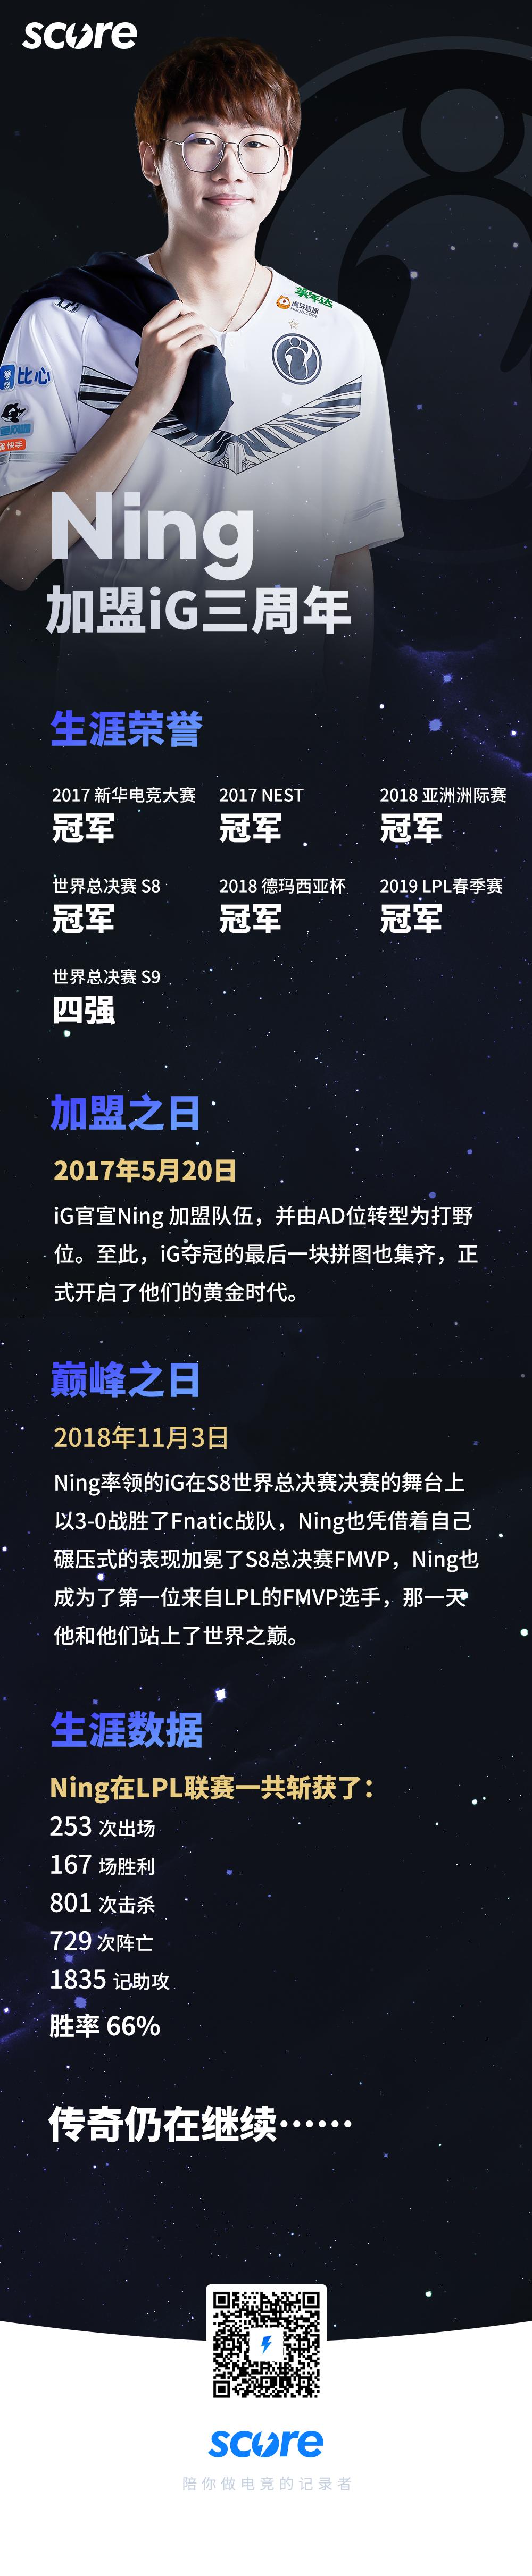 Ning加入iG三周年纪念:不忘初心归来仍少年